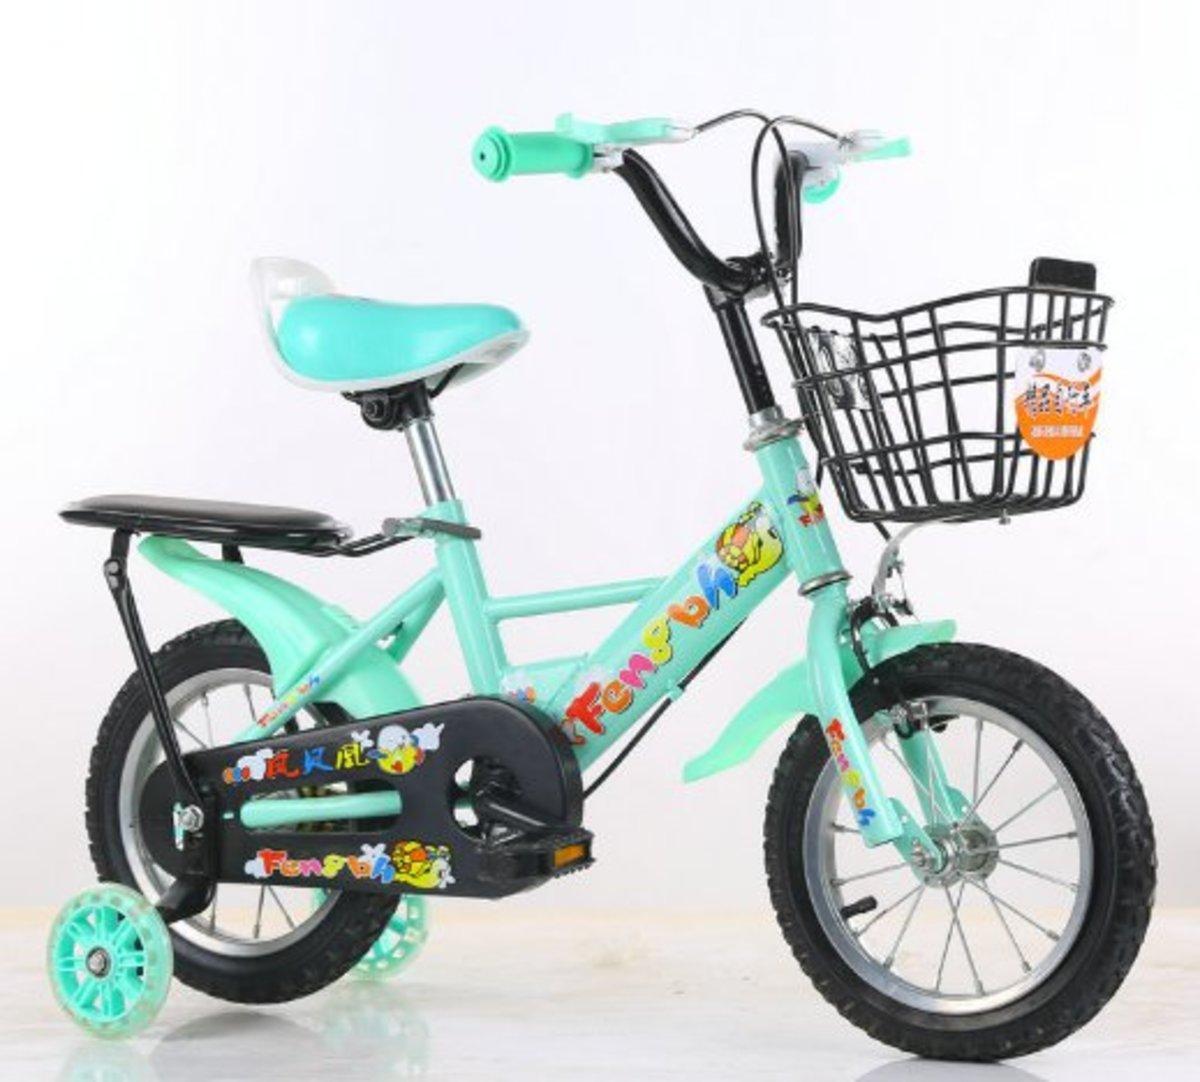 兒童單車腳踏自行車(天藍色12寸)適合2-4歲